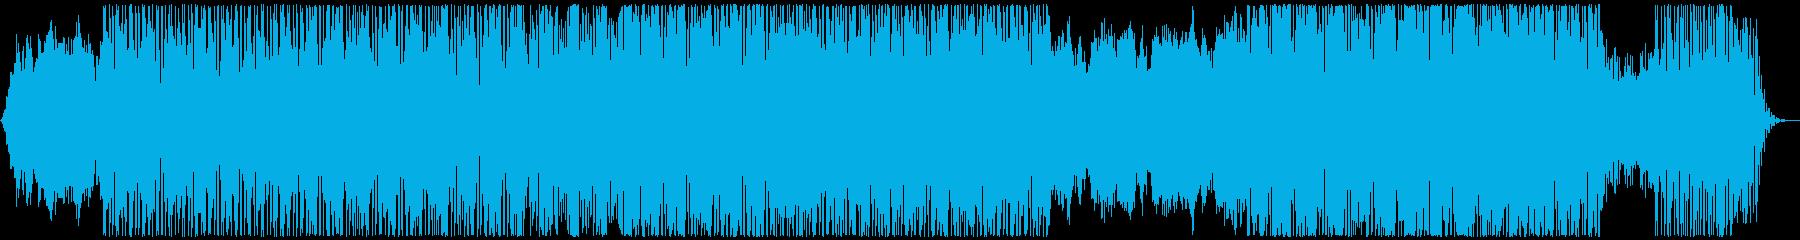 滑らか ジャズ ラウンジ まったり...の再生済みの波形